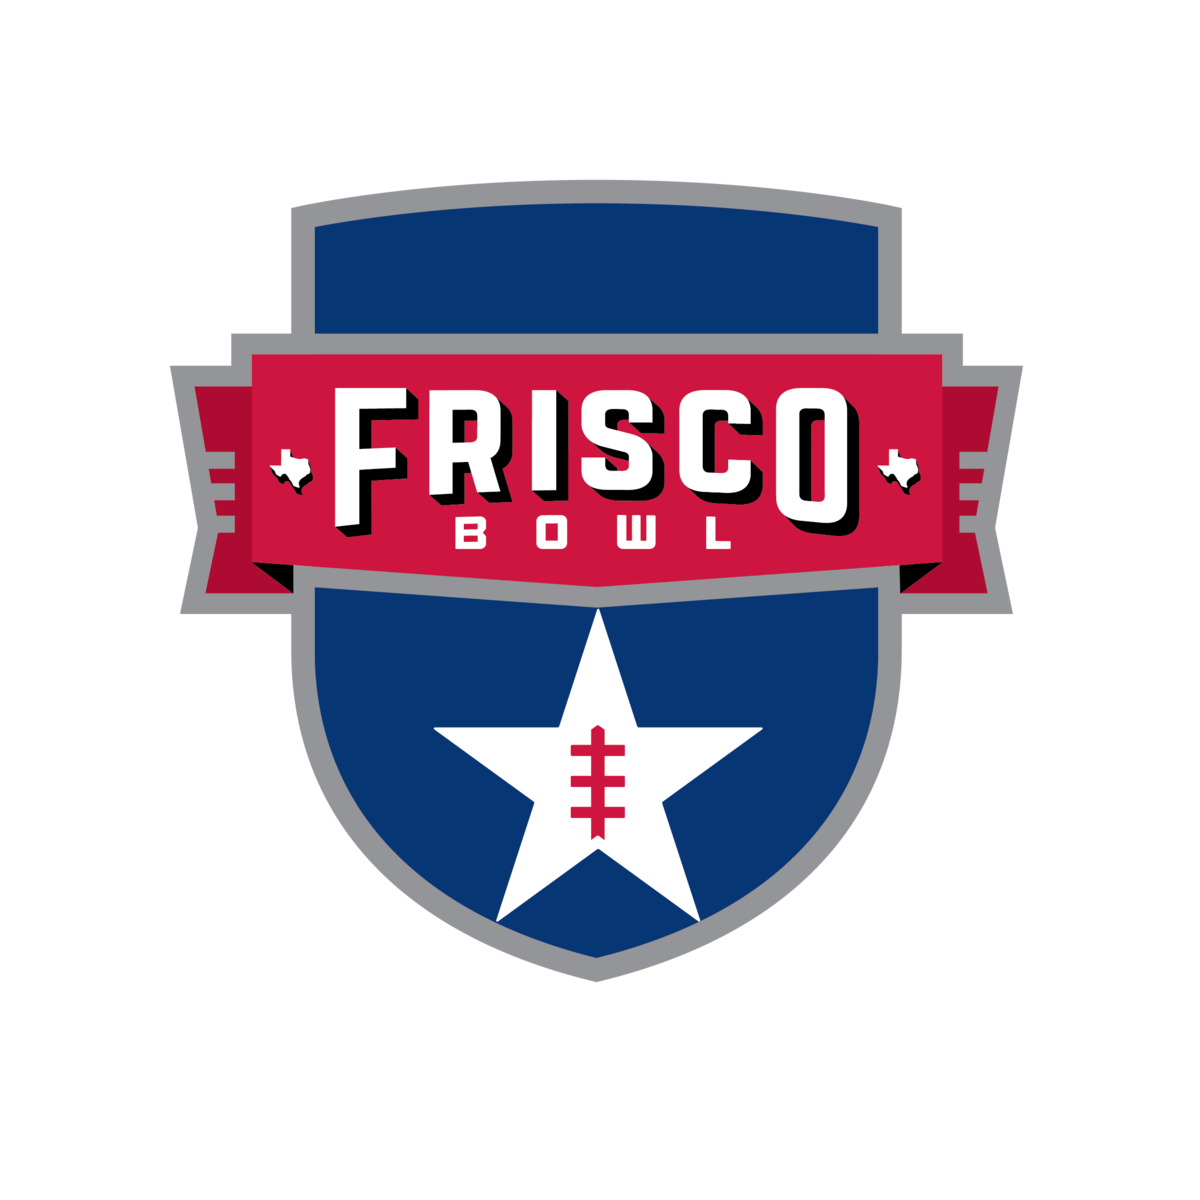 Frisco Bowl!